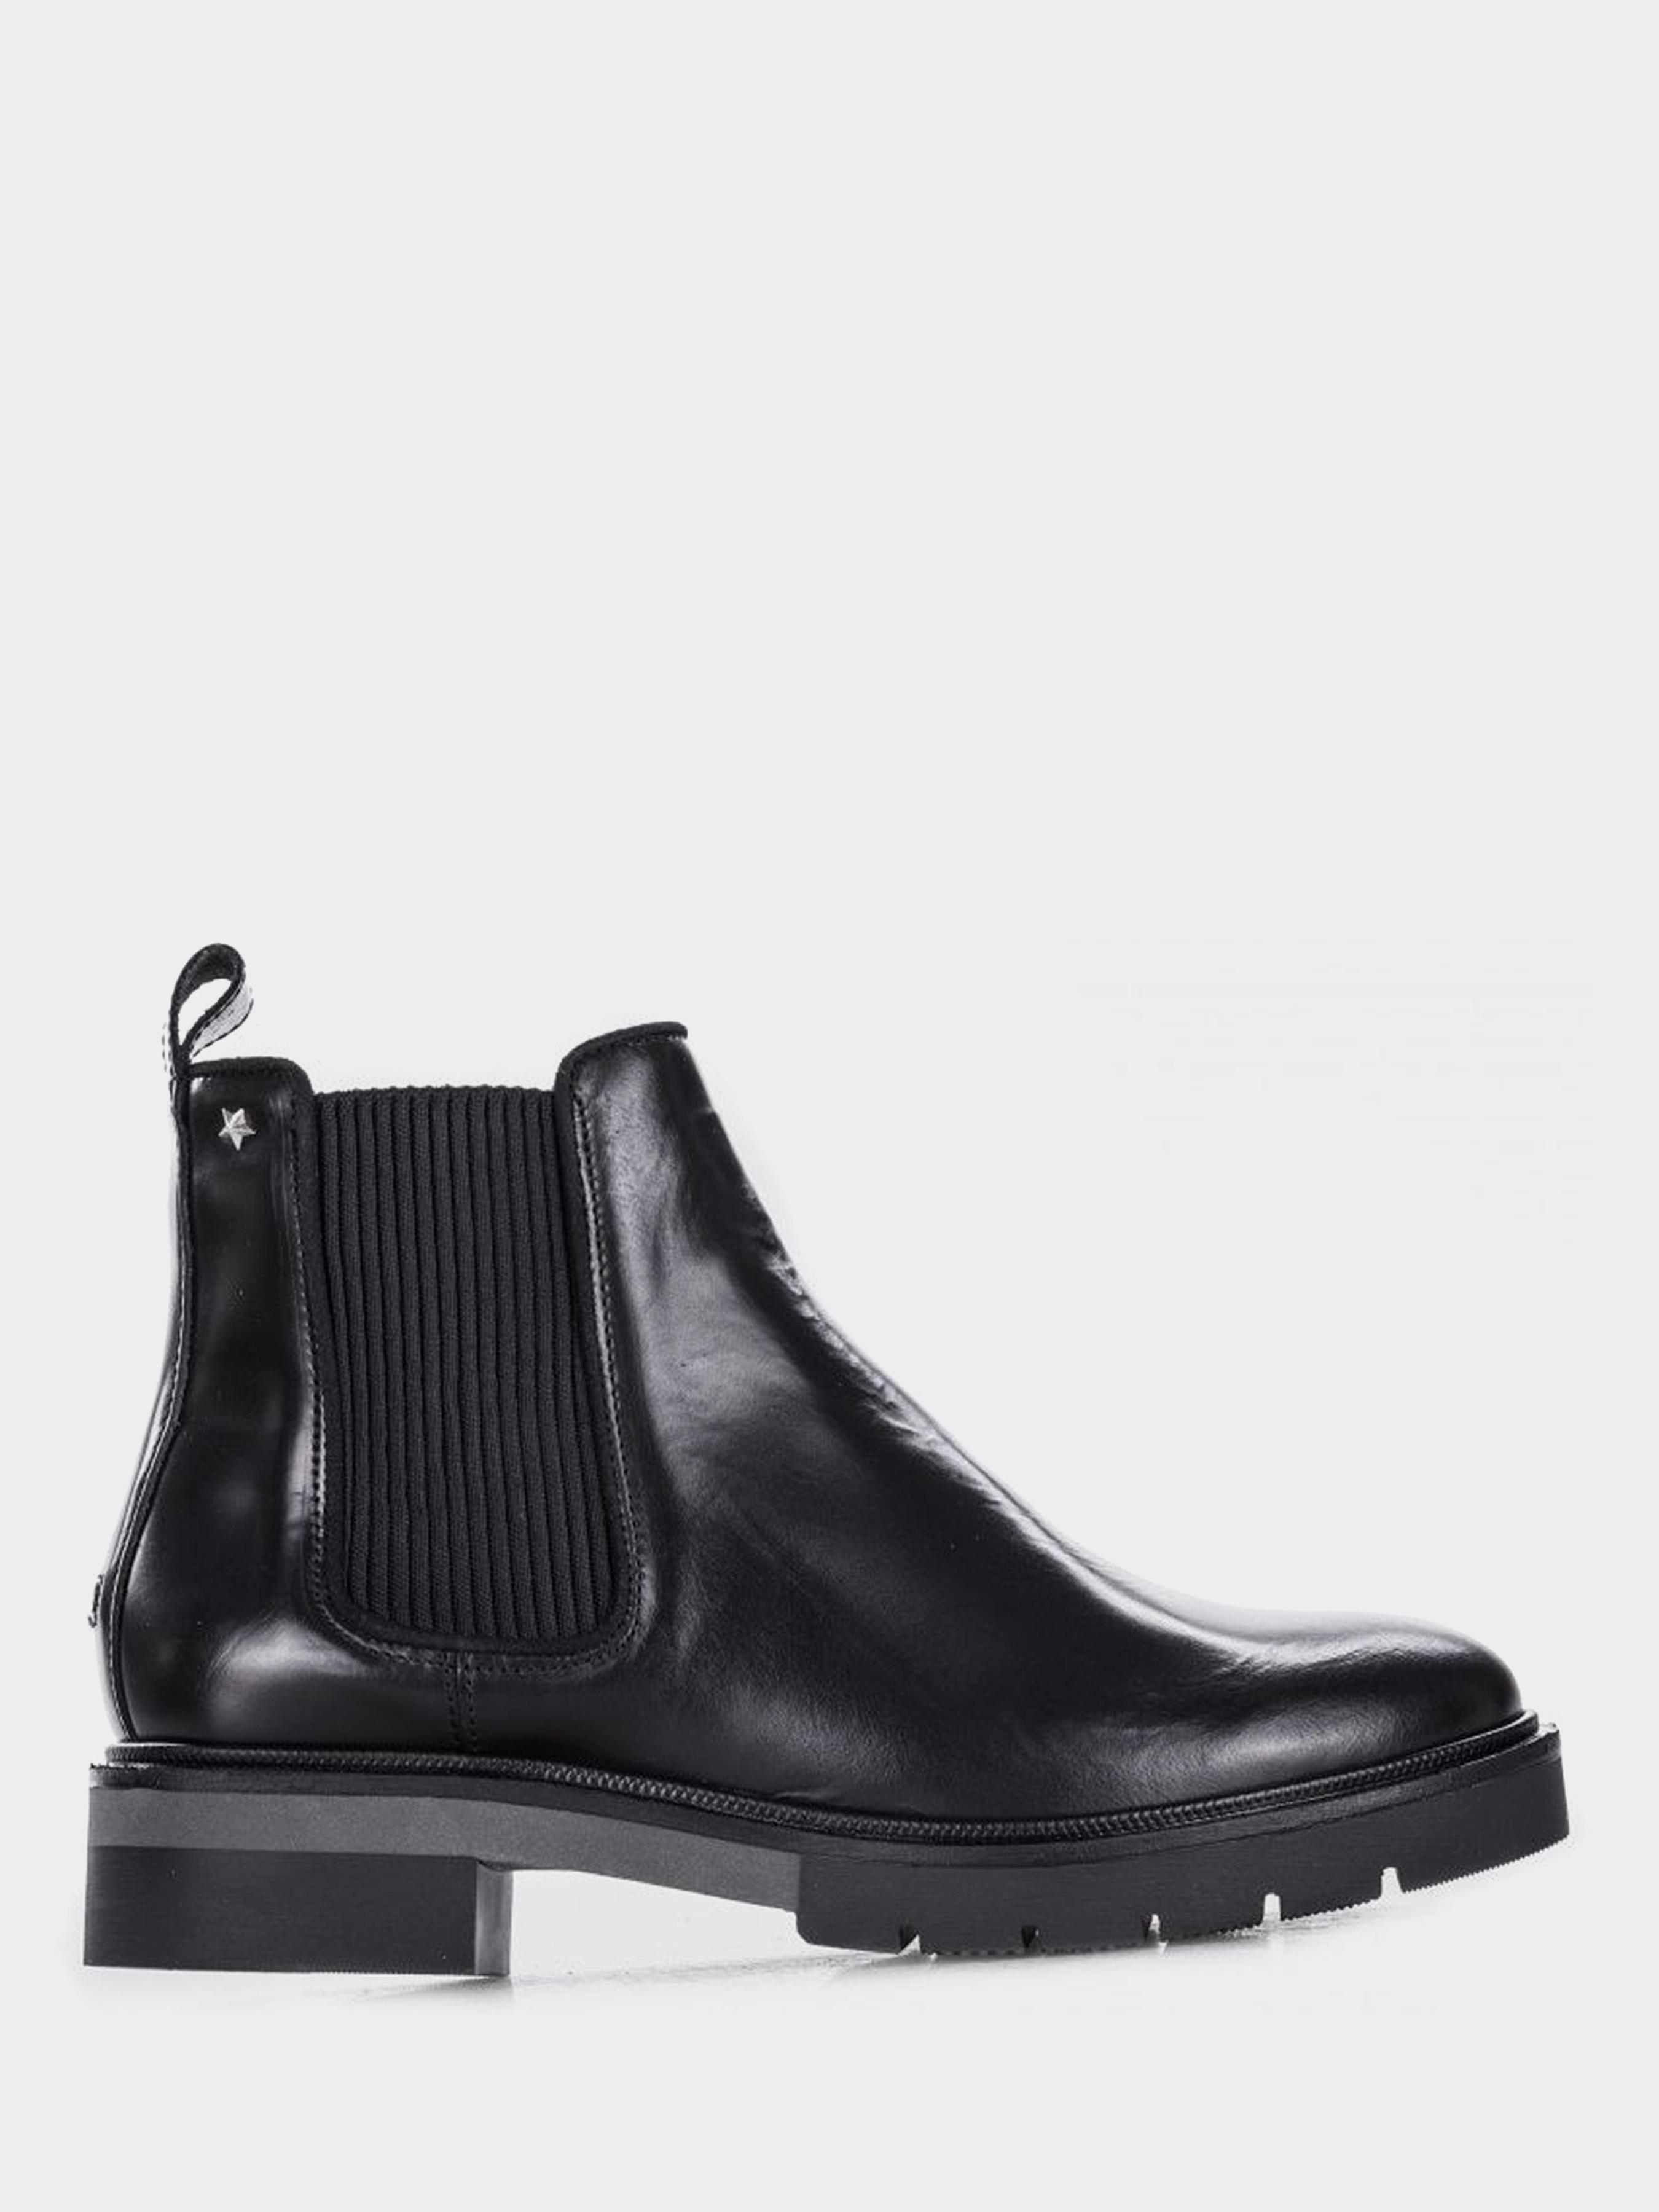 Купить Ботинки для женщин Tommy Hilfiger TD1165, Черный